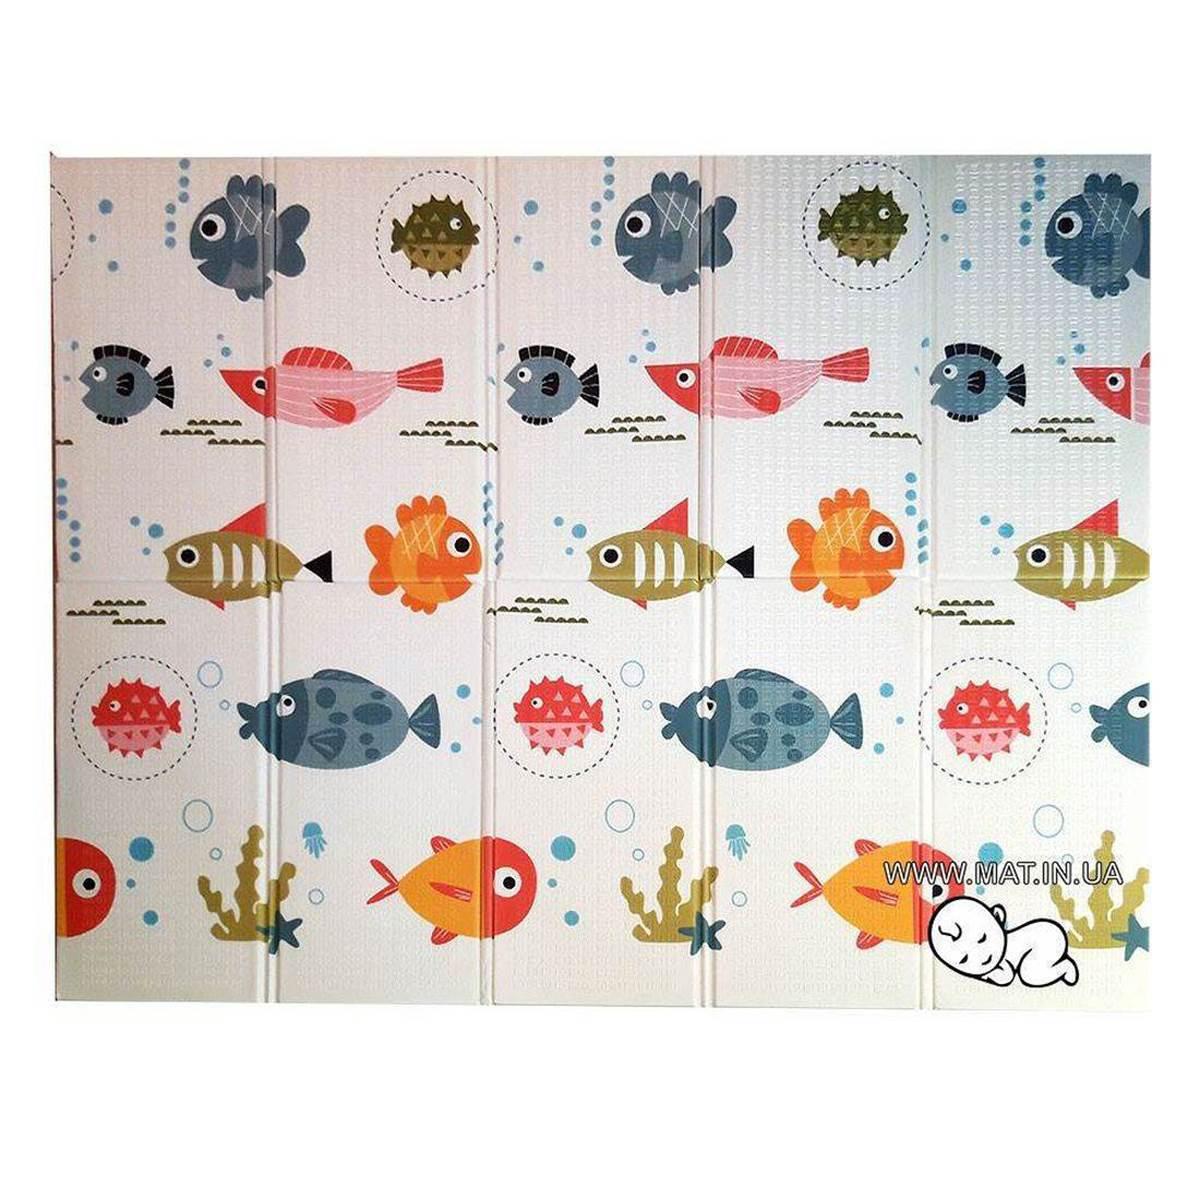 Купить коврик для ползания малыша Рыбки-Карта в Украине